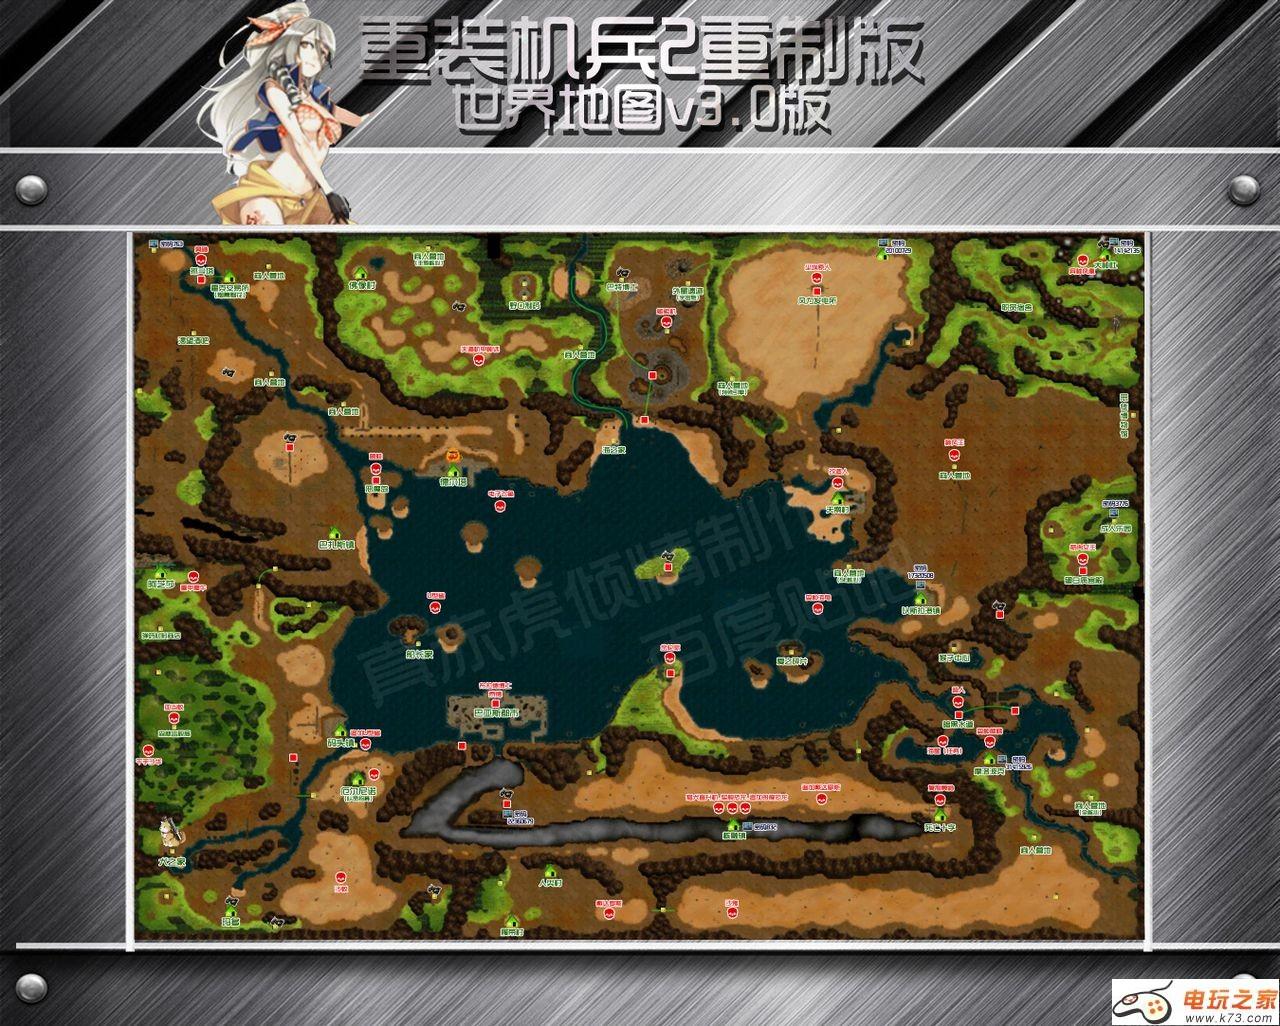 重游戏兵2重汇总大图文全装机地图物品埋藏附快吧制版秘籍森林图片